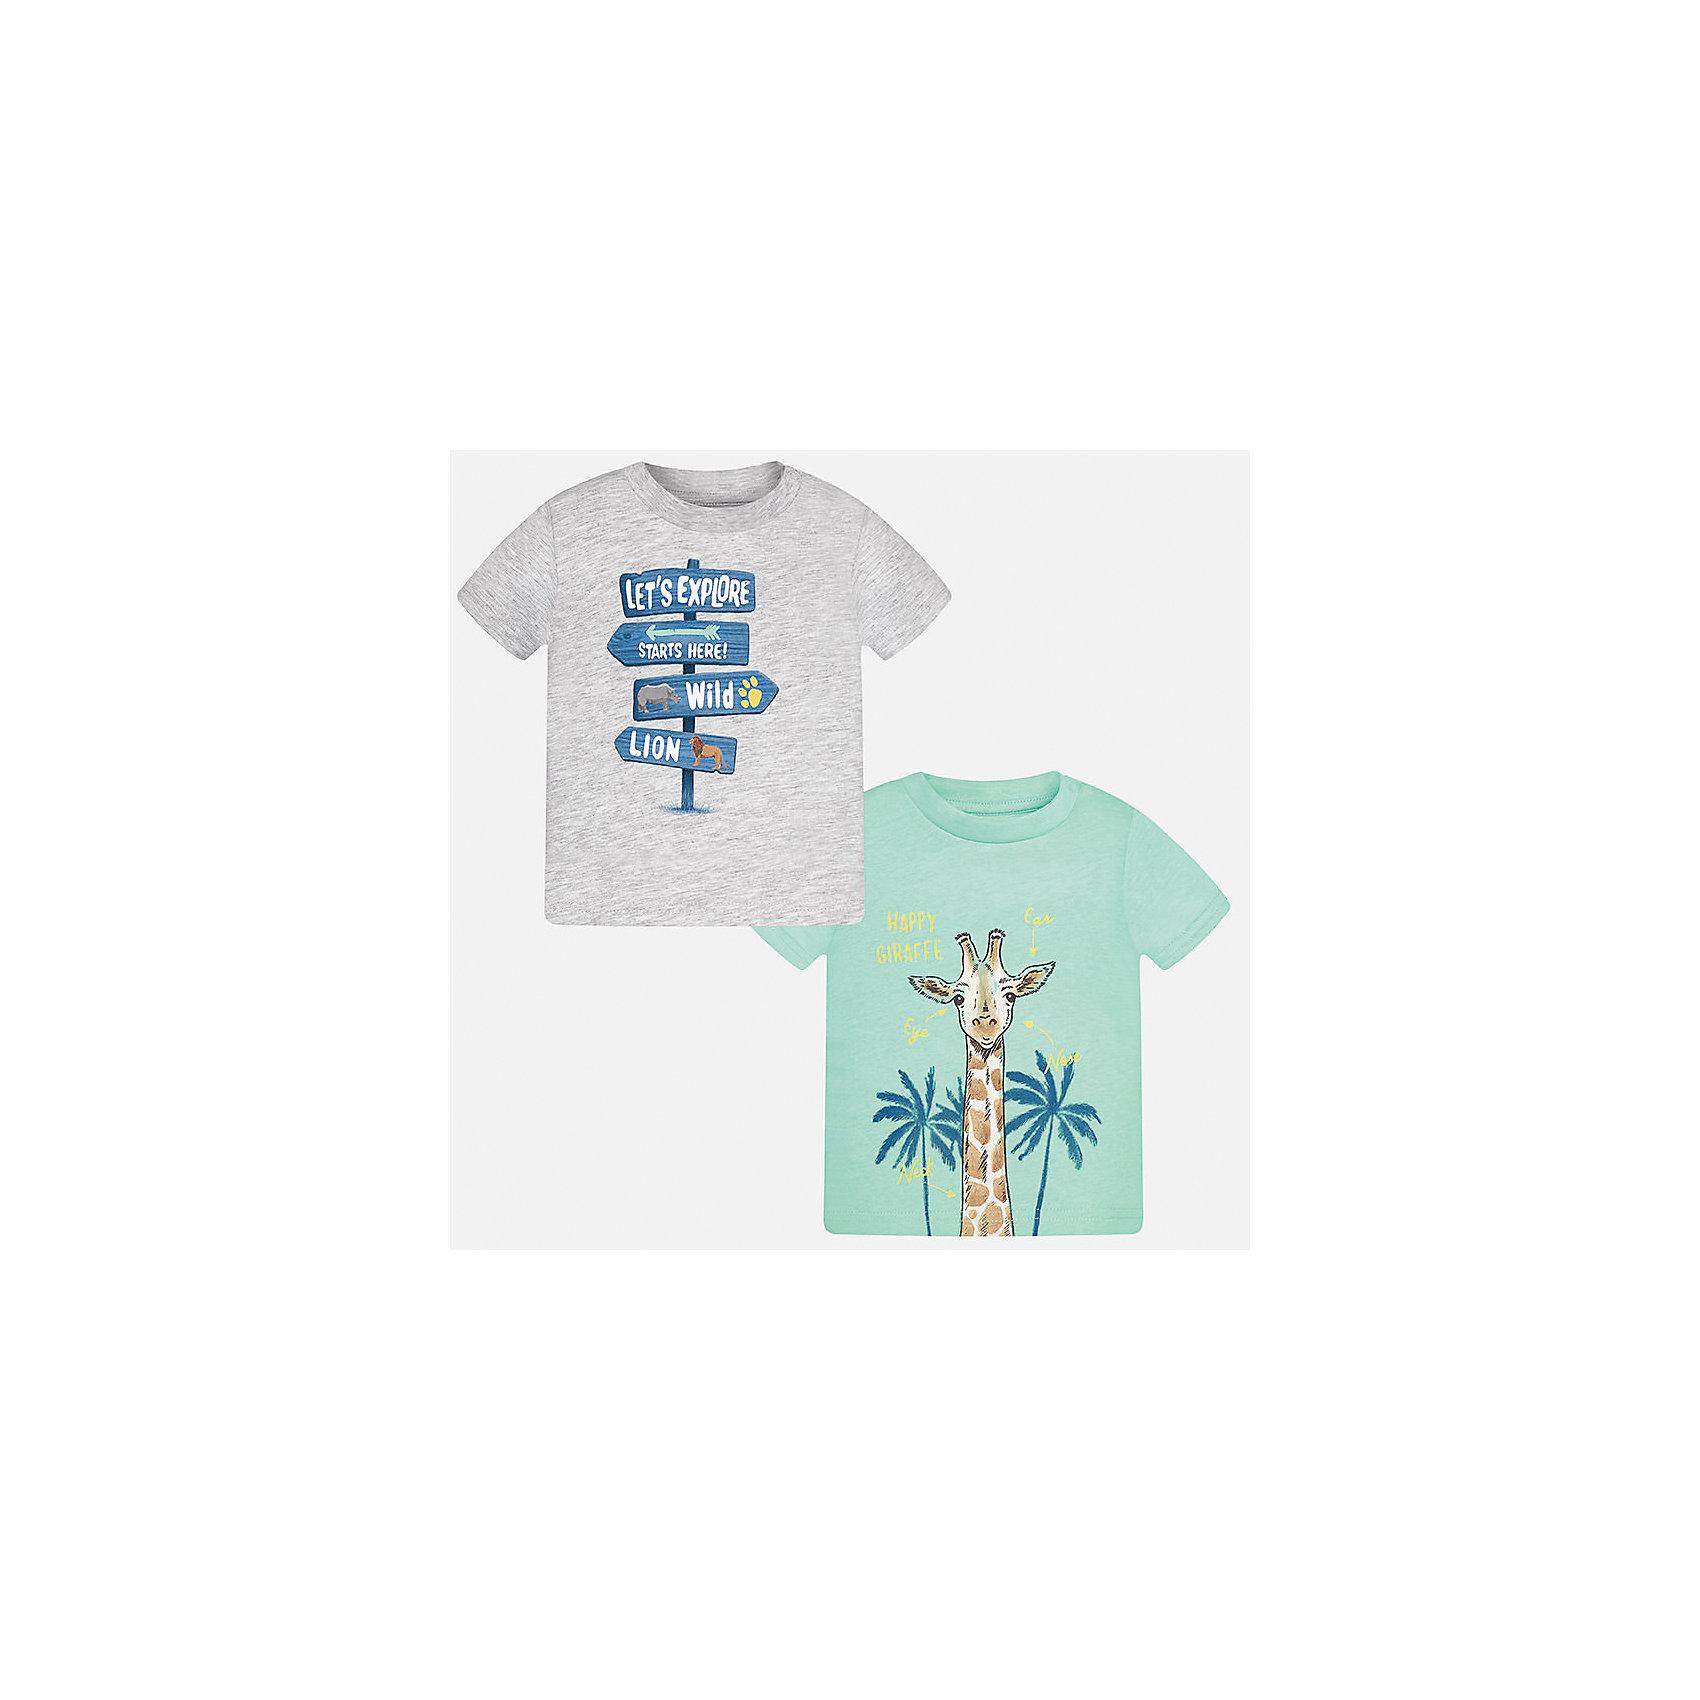 Футболка (2 шт.) для мальчика MayoralХарактеристики товара:<br><br>• цвет: серый/зеленый<br>• состав: 100% хлопок<br>• комплектация: 2 шт<br>• круглый горловой вырез<br>• декорирована принтом<br>• короткие рукава<br>• мягкая отделка горловины<br>• страна бренда: Испания<br><br>Стильная удобная футболка с принтом поможет разнообразить гардероб мальчика. Она отлично сочетается с брюками, шортами, джинсами. Универсальный крой и цвет позволяет подобрать к вещи низ разных расцветок. Практичное и стильное изделие! Хорошо смотрится и комфортно сидит на детях. В составе материала - натуральный хлопок, гипоаллергенный, приятный на ощупь, дышащий. В этом наборе - сразу две модные футболки разных расцветок!<br><br>Одежда, обувь и аксессуары от испанского бренда Mayoral полюбились детям и взрослым по всему миру. Модели этой марки - стильные и удобные. Для их производства используются только безопасные, качественные материалы и фурнитура. Порадуйте ребенка модными и красивыми вещами от Mayoral! <br><br>Футболку (2 шт.) для мальчика от испанского бренда Mayoral (Майорал) можно купить в нашем интернет-магазине.<br><br>Ширина мм: 199<br>Глубина мм: 10<br>Высота мм: 161<br>Вес г: 151<br>Цвет: белый<br>Возраст от месяцев: 12<br>Возраст до месяцев: 15<br>Пол: Мужской<br>Возраст: Детский<br>Размер: 80,92,86<br>SKU: 5278465